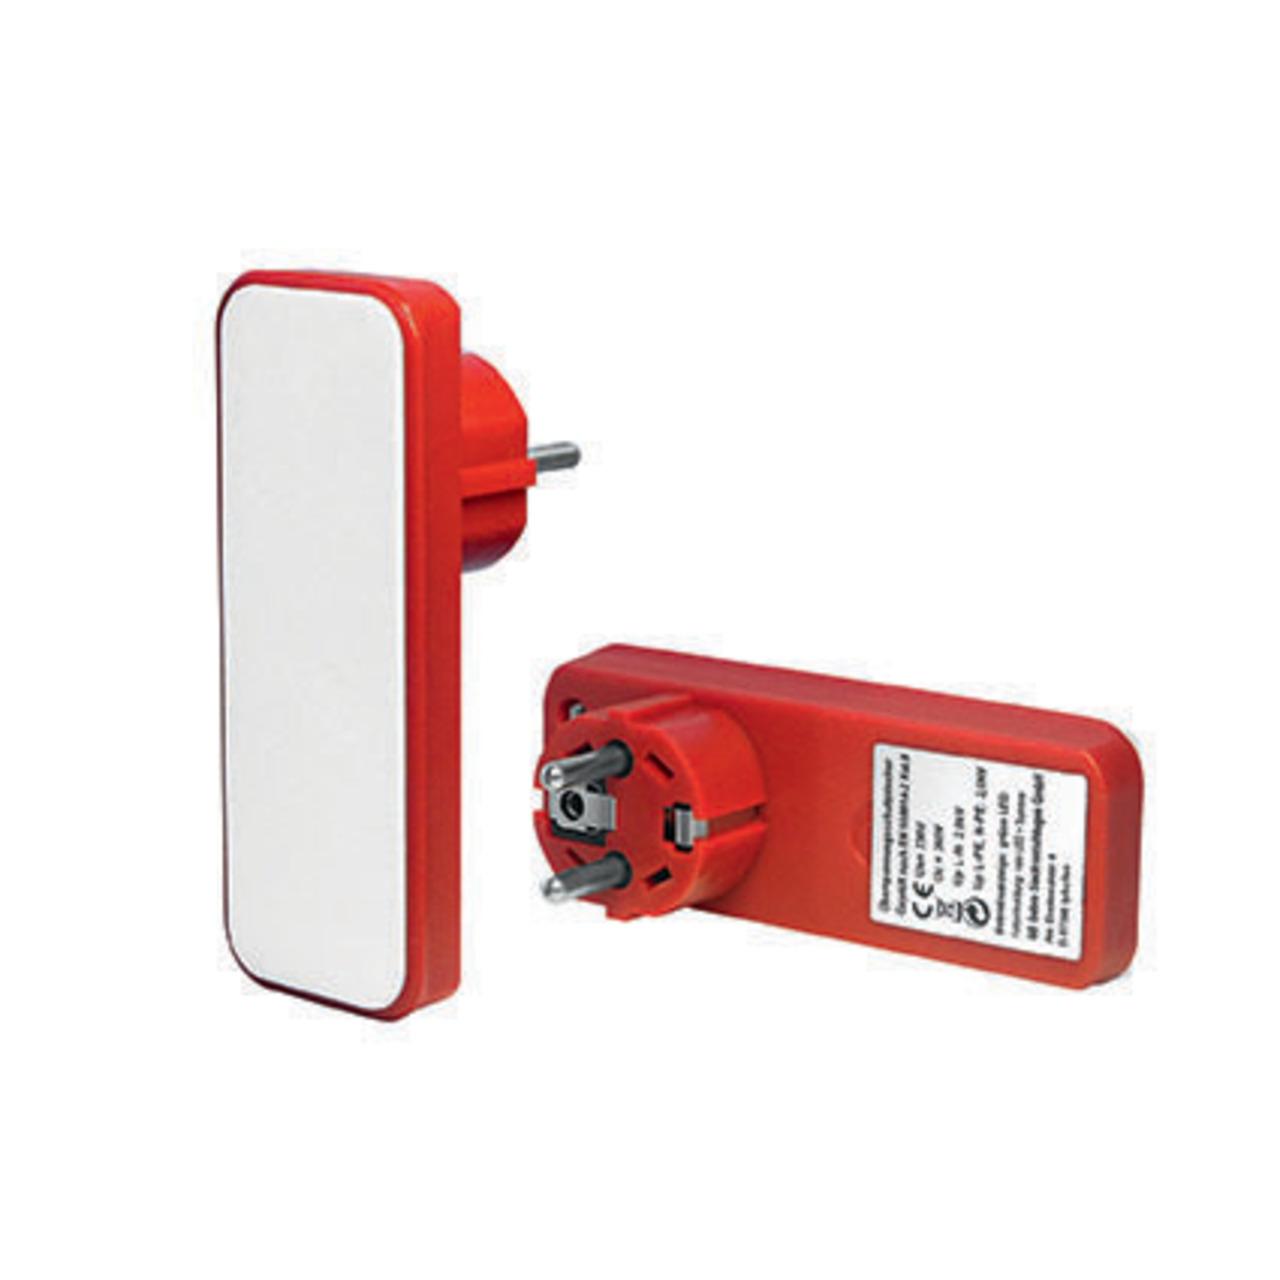 ProtectV Überspannungsschutzstecker- bis 9 m Wirkbereich